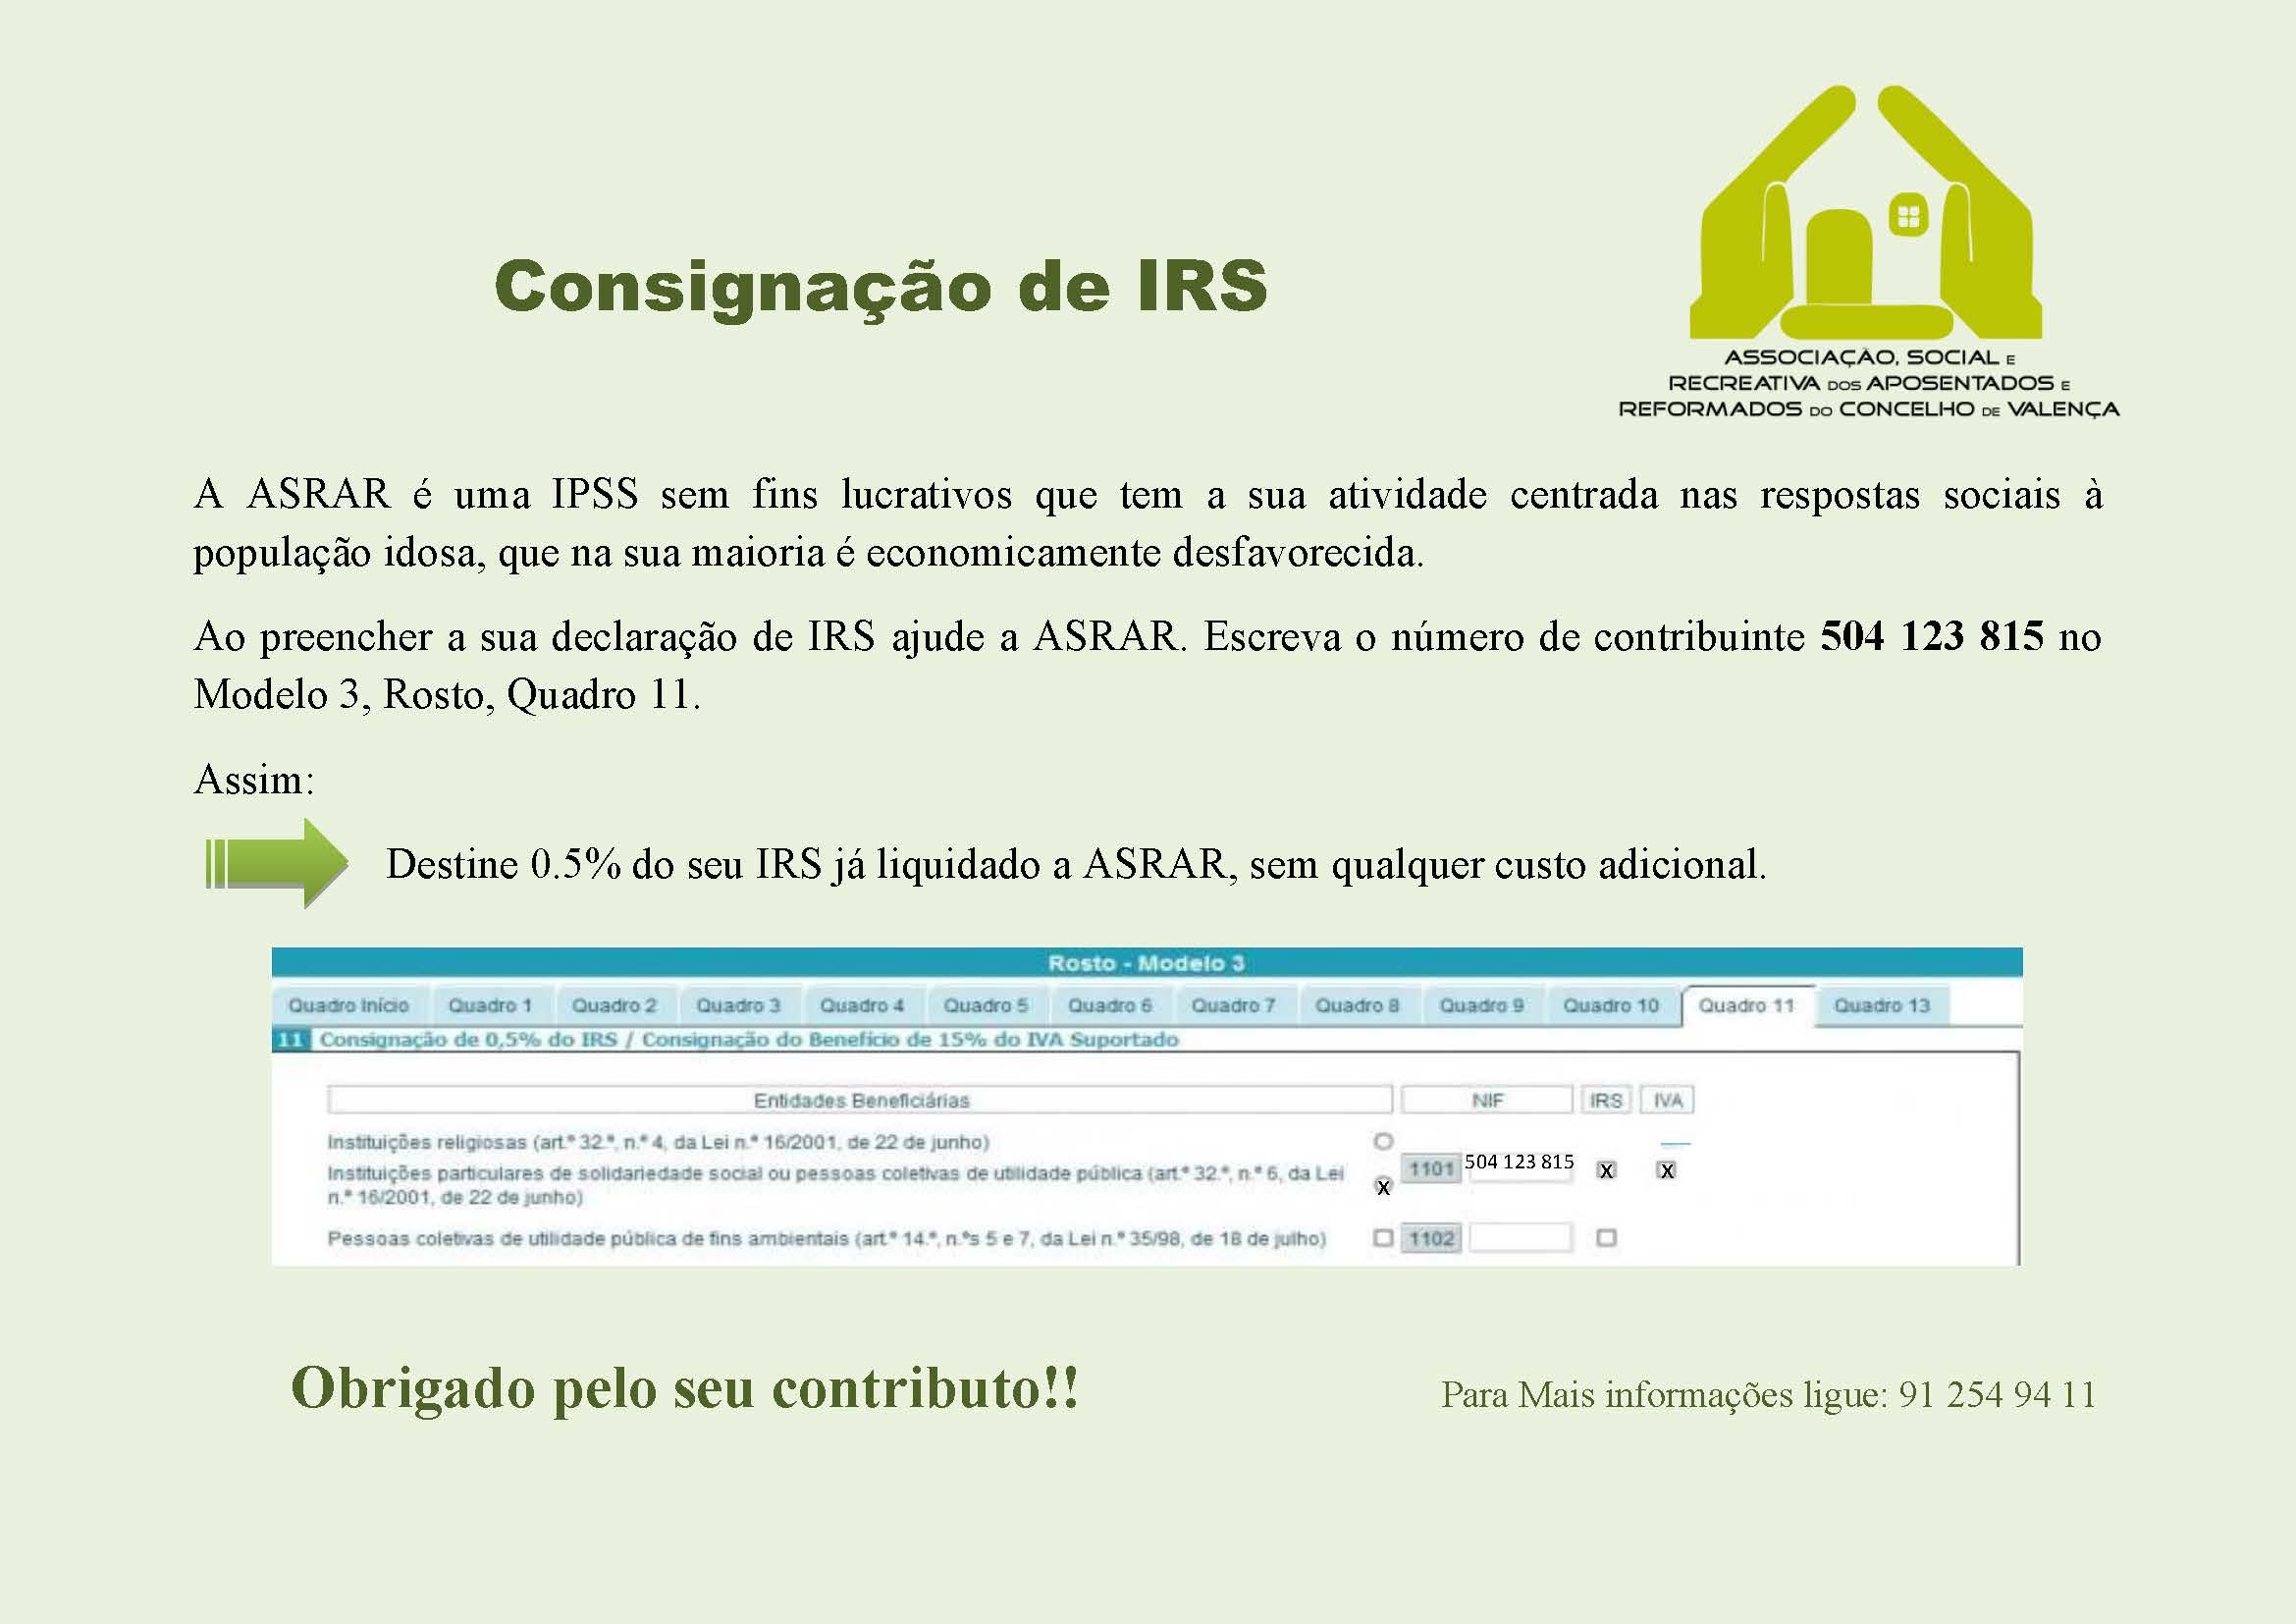 Consignação de IRS 2019